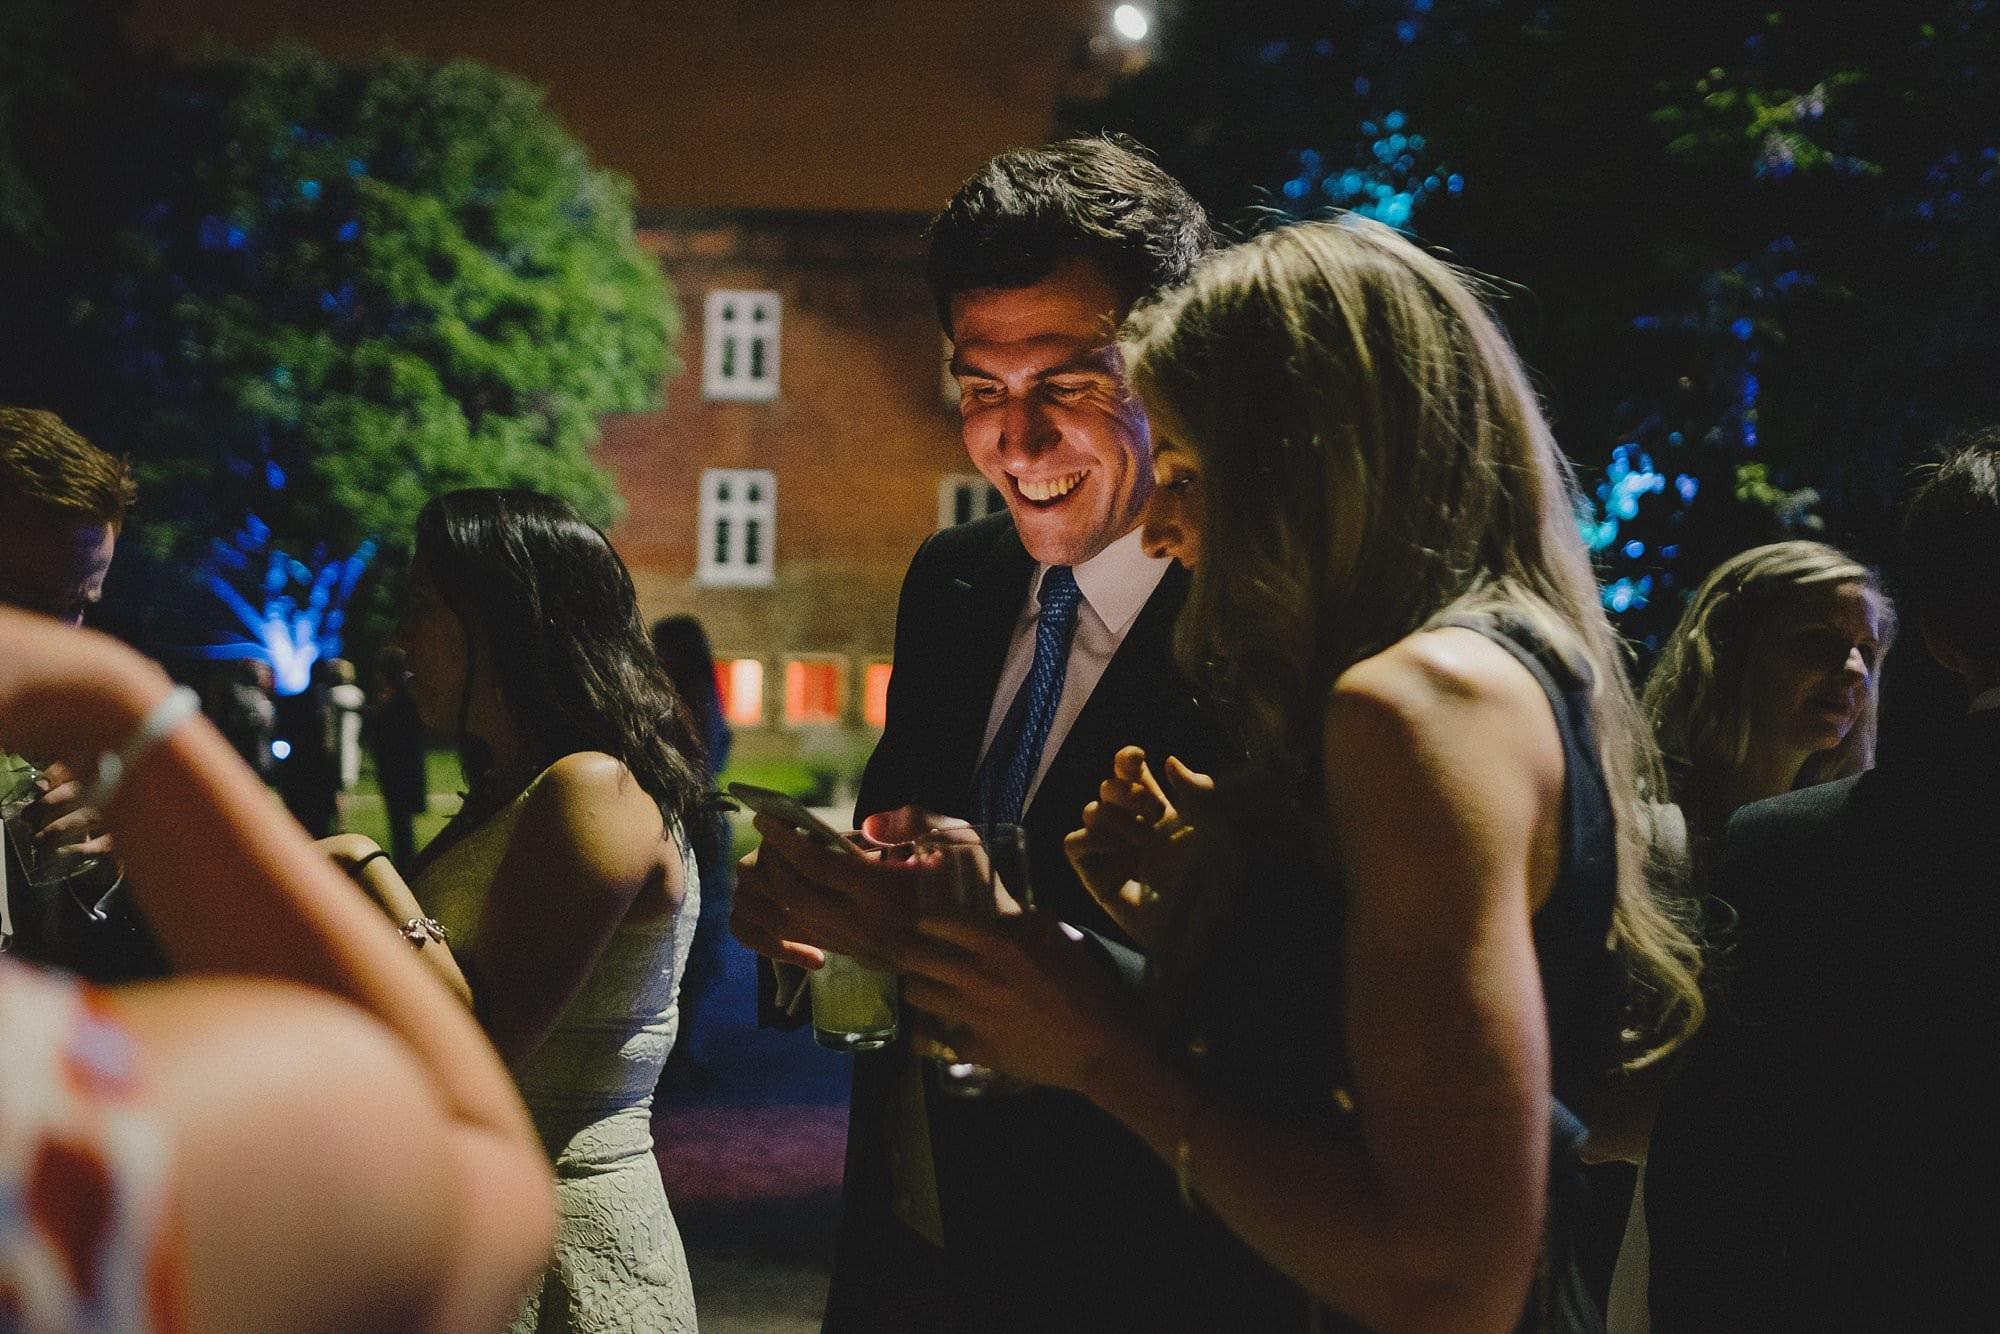 fulham palace wedding photographer 083 - Rosanna & Duncan's Fulham Palace Wedding